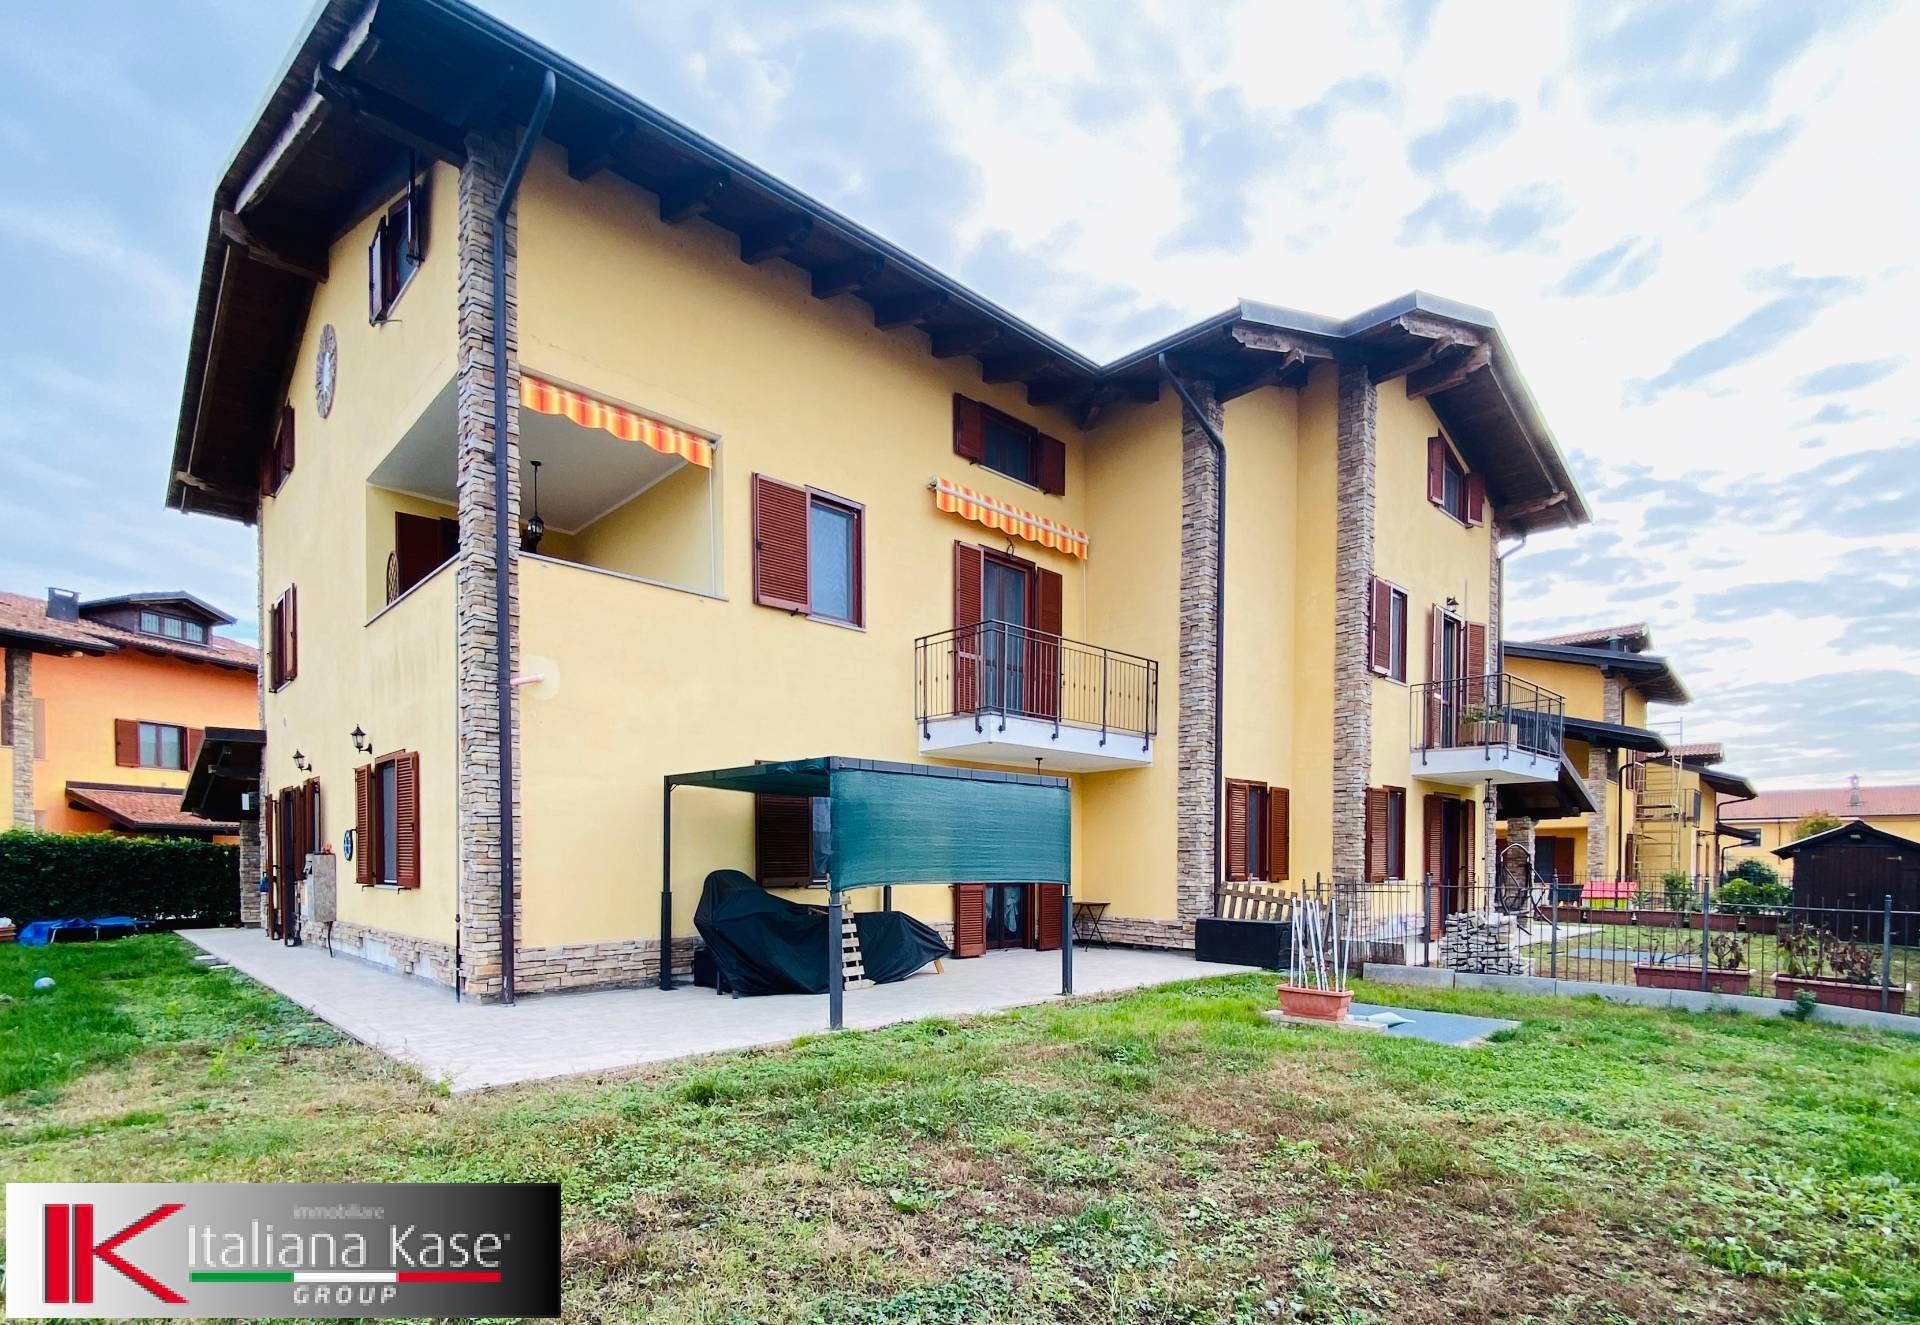 Appartamento in vendita a Caluso, 4 locali, zona Località: Ar?, prezzo € 159.000 | PortaleAgenzieImmobiliari.it